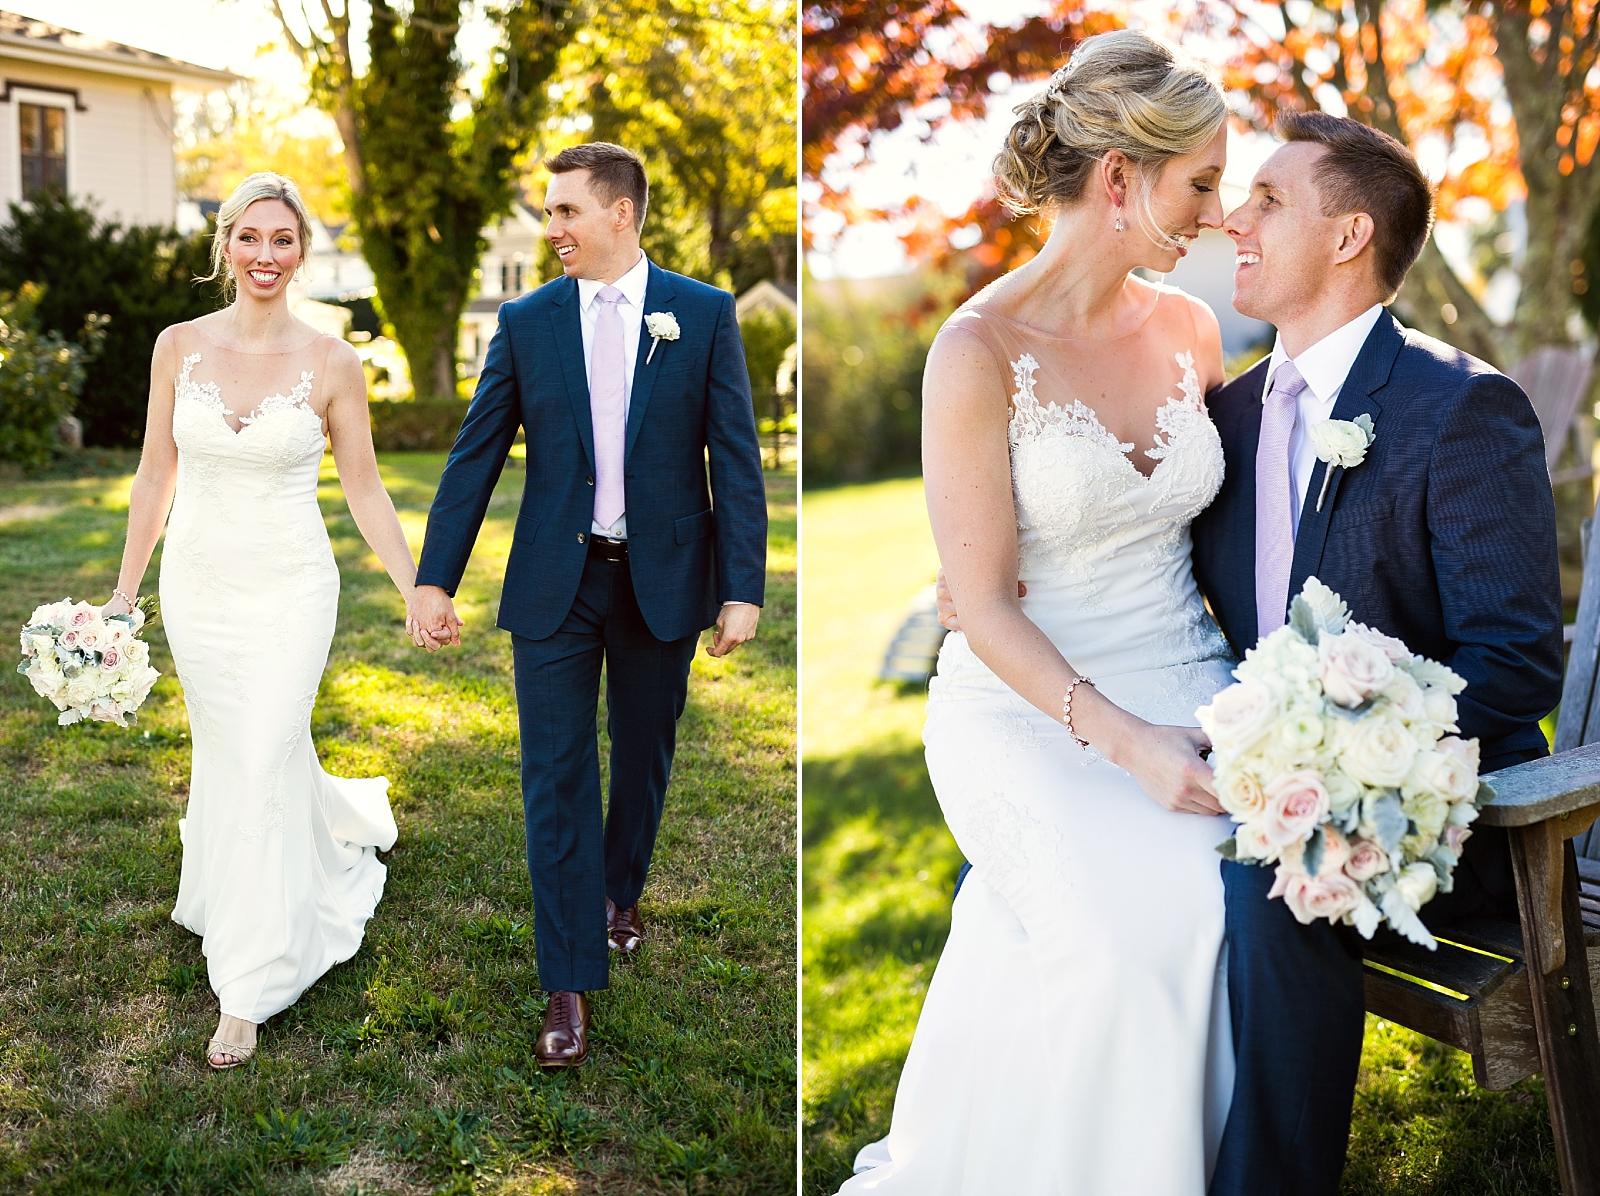 CT_Wedding_Photographer_BeLo_18.jpg